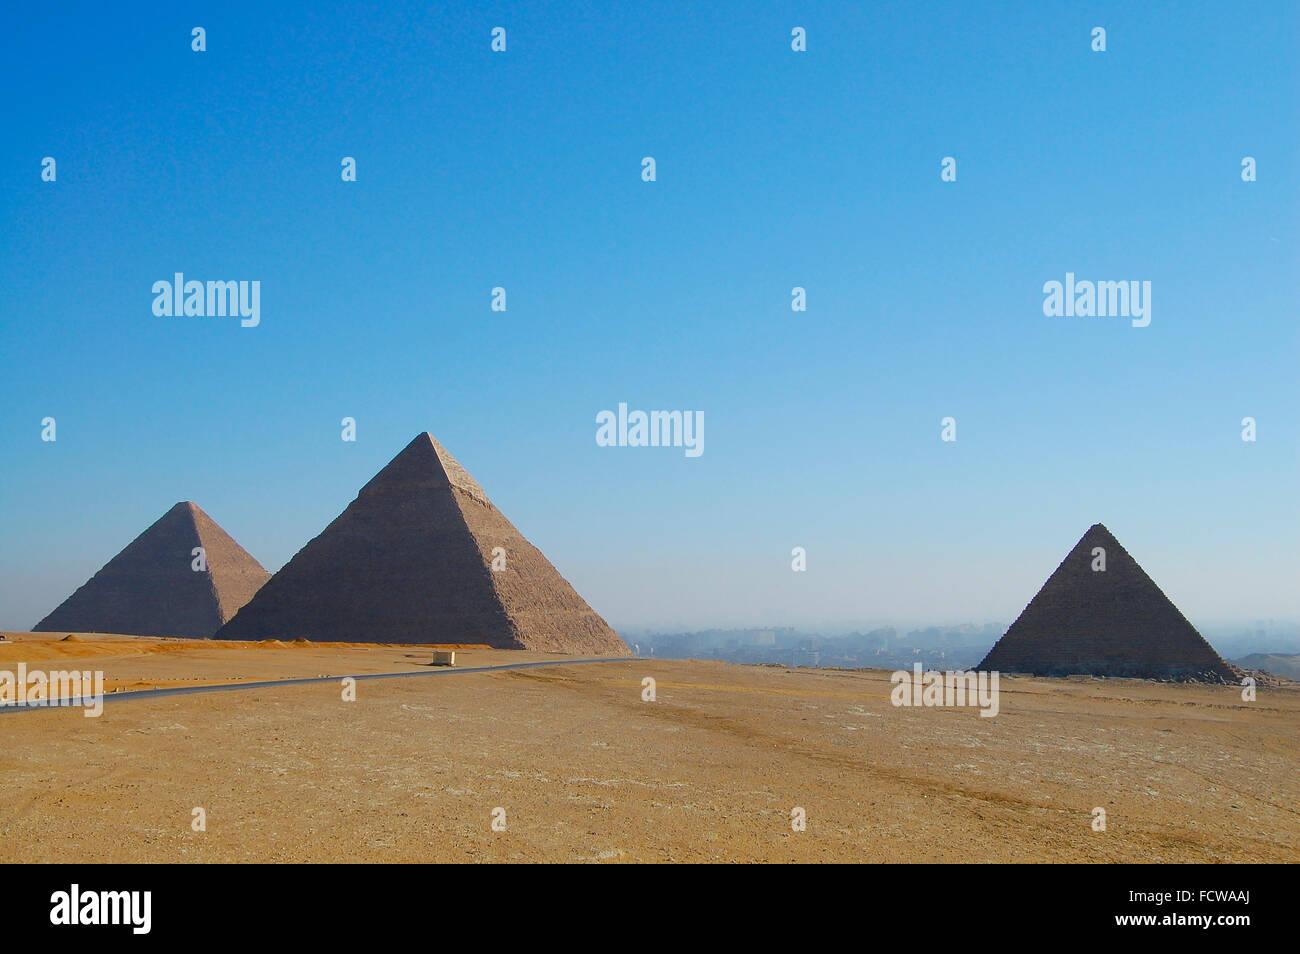 Pirámides de Giza - El Cairo - Egipto Imagen De Stock